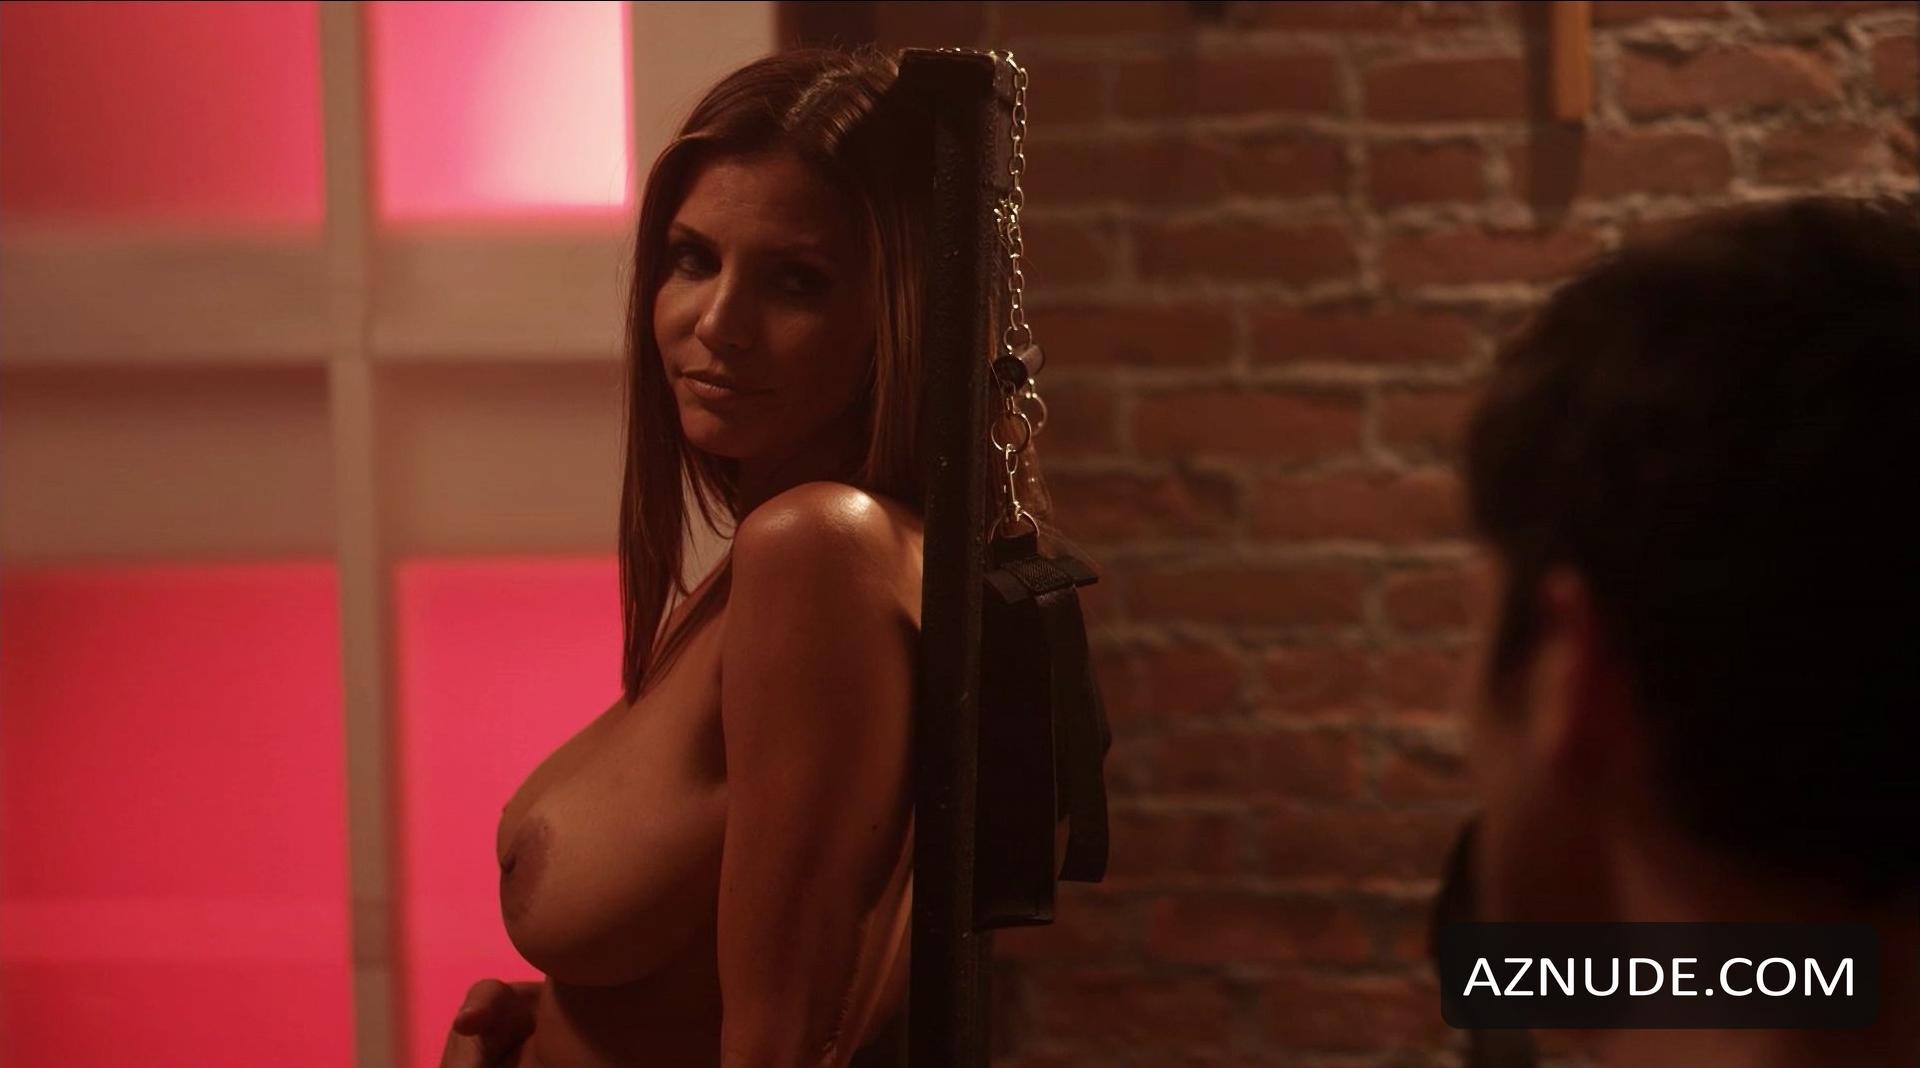 sexy kearala school girlls nude